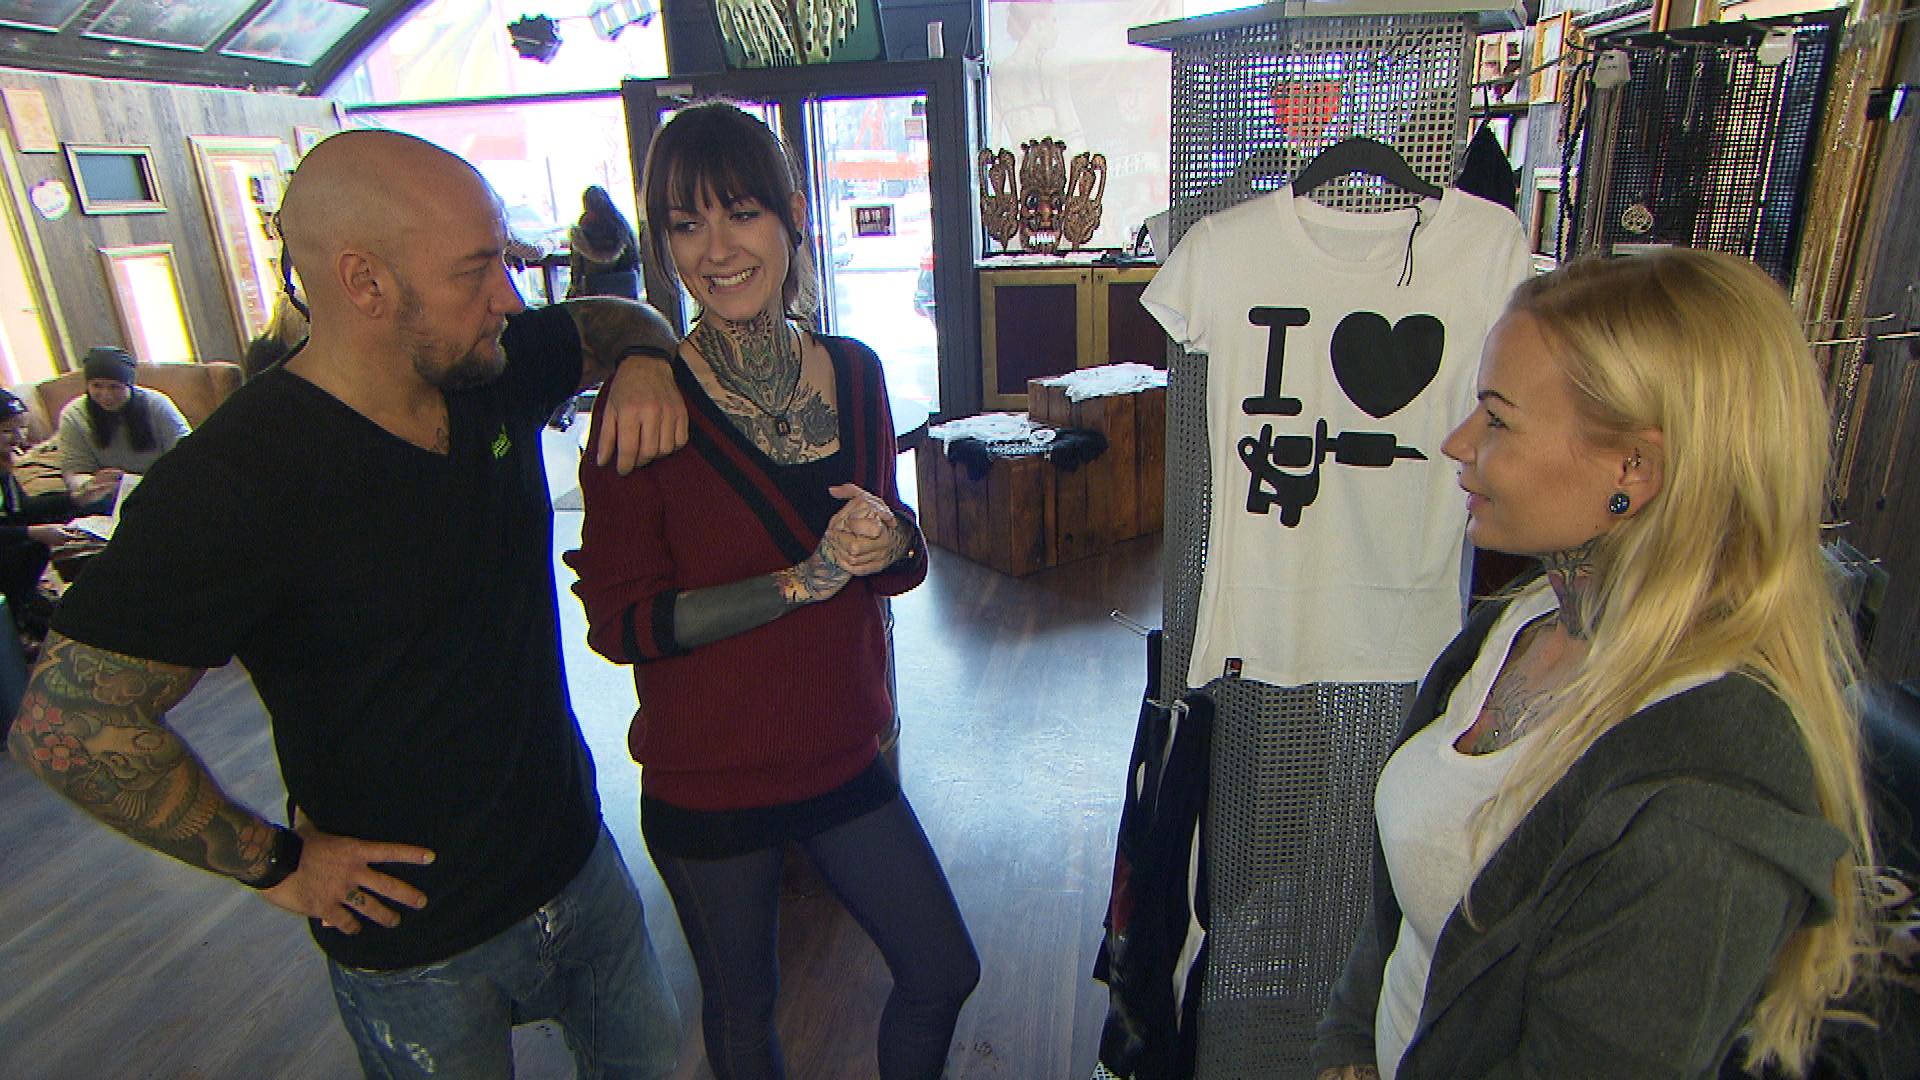 Caro bekommt die Chance, ein bekanntes Tattoomodel für dessen Internetblog zu tätowieren und sich damit einen Namen in der internationalen Tattooszene zu machen. (Quelle: RTL 2)